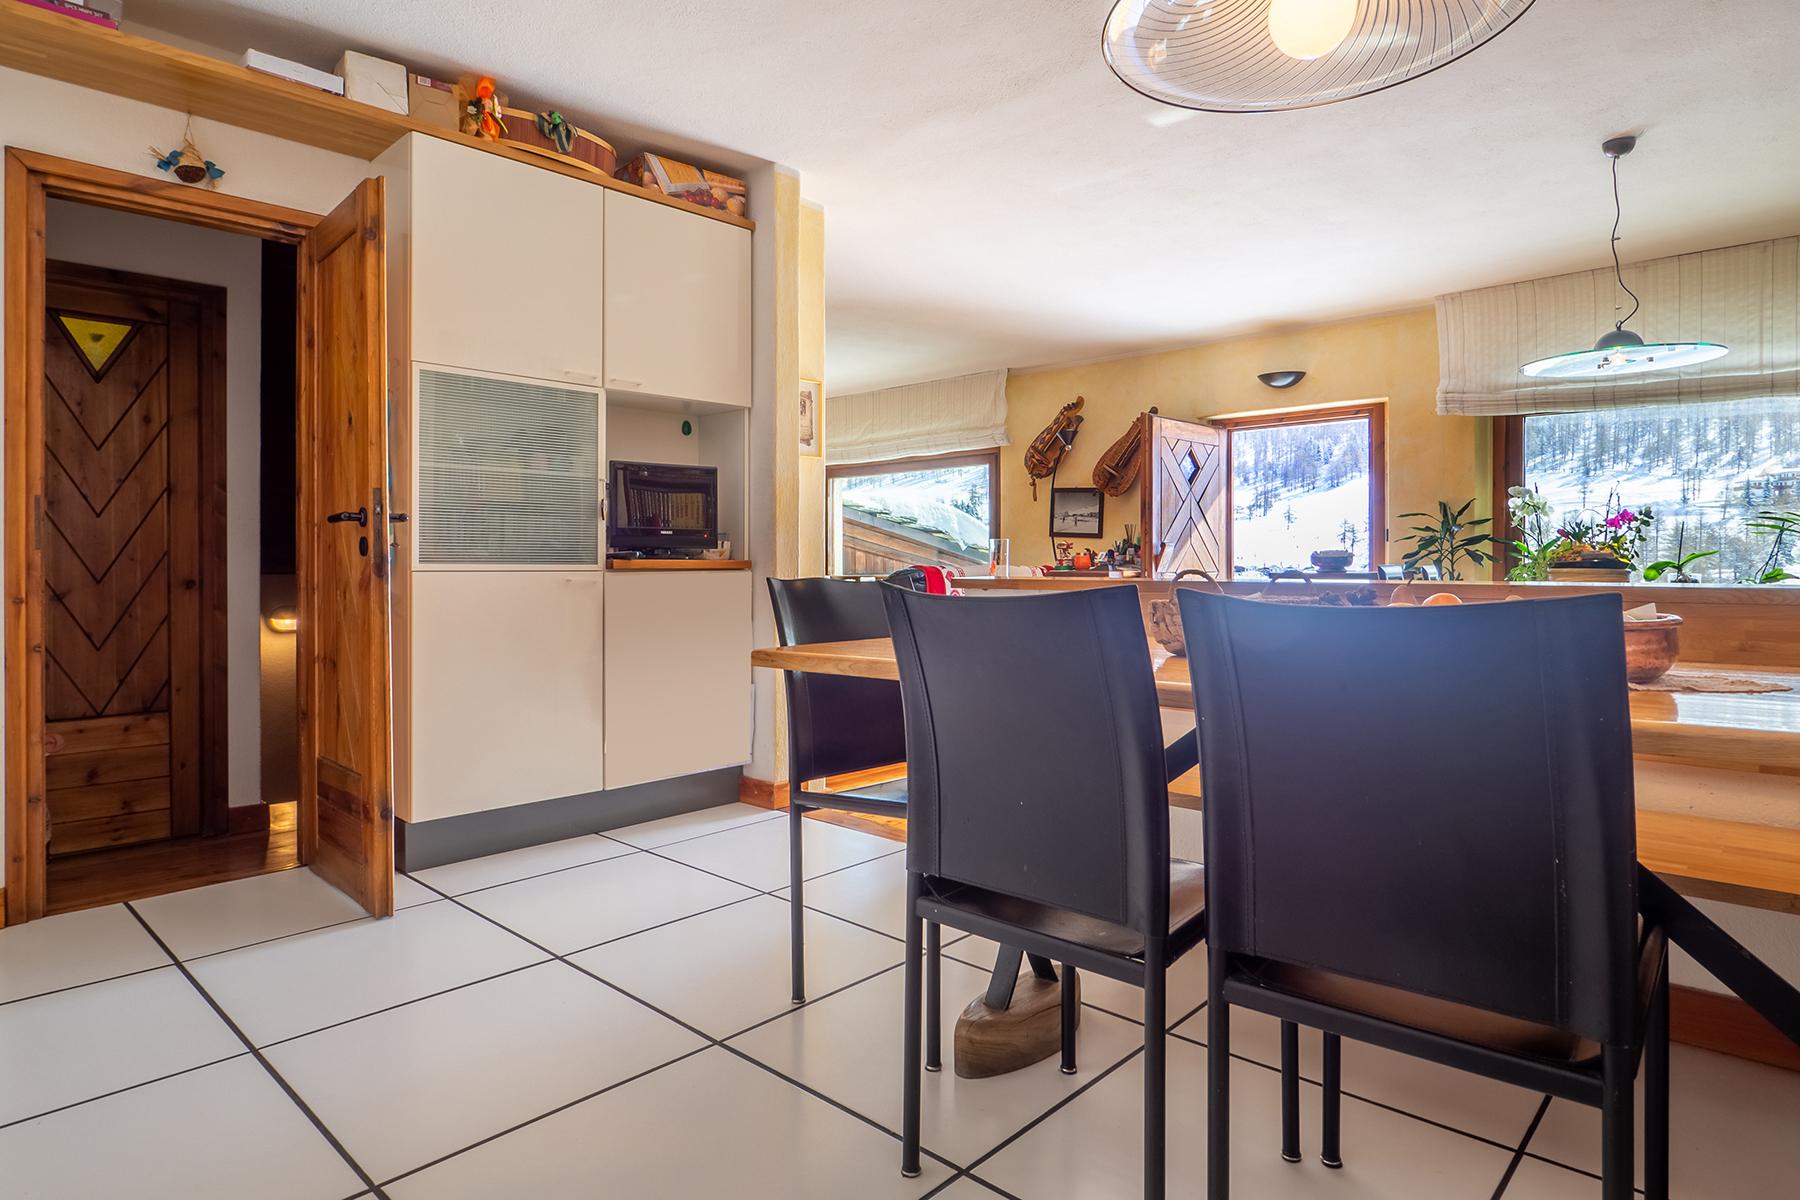 Casa indipendente in Vendita a Sestriere: 5 locali, 240 mq - Foto 9